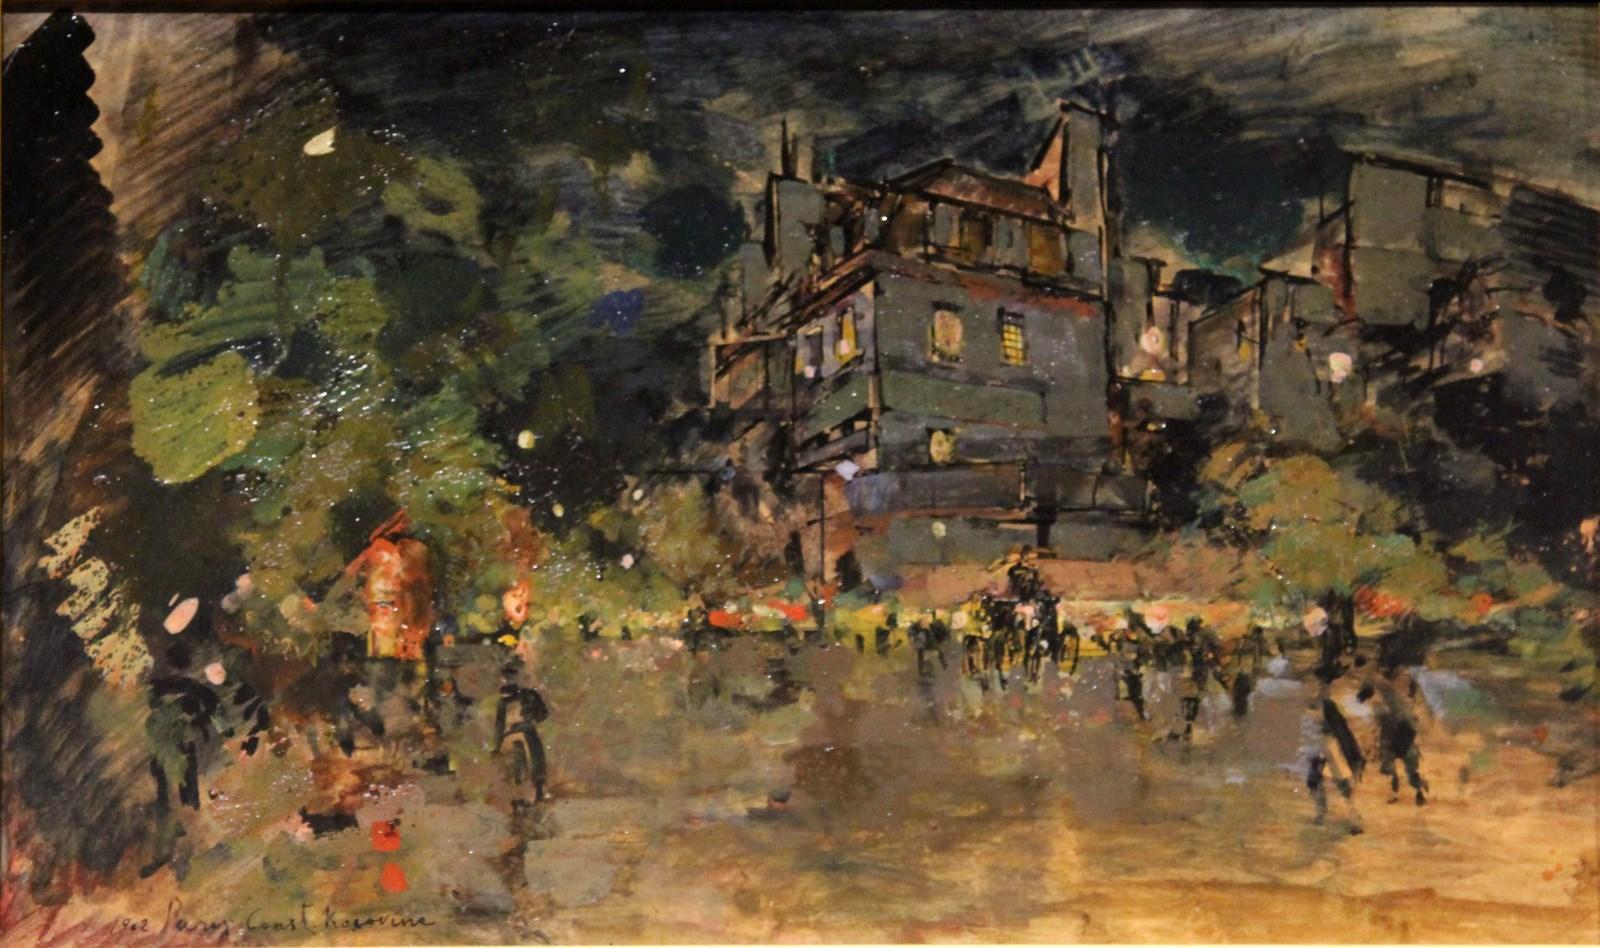 Коровин К.А. 1861-1939 Париж. 1902 Картон, масло. Национальный художественный музей Республики Беларусь